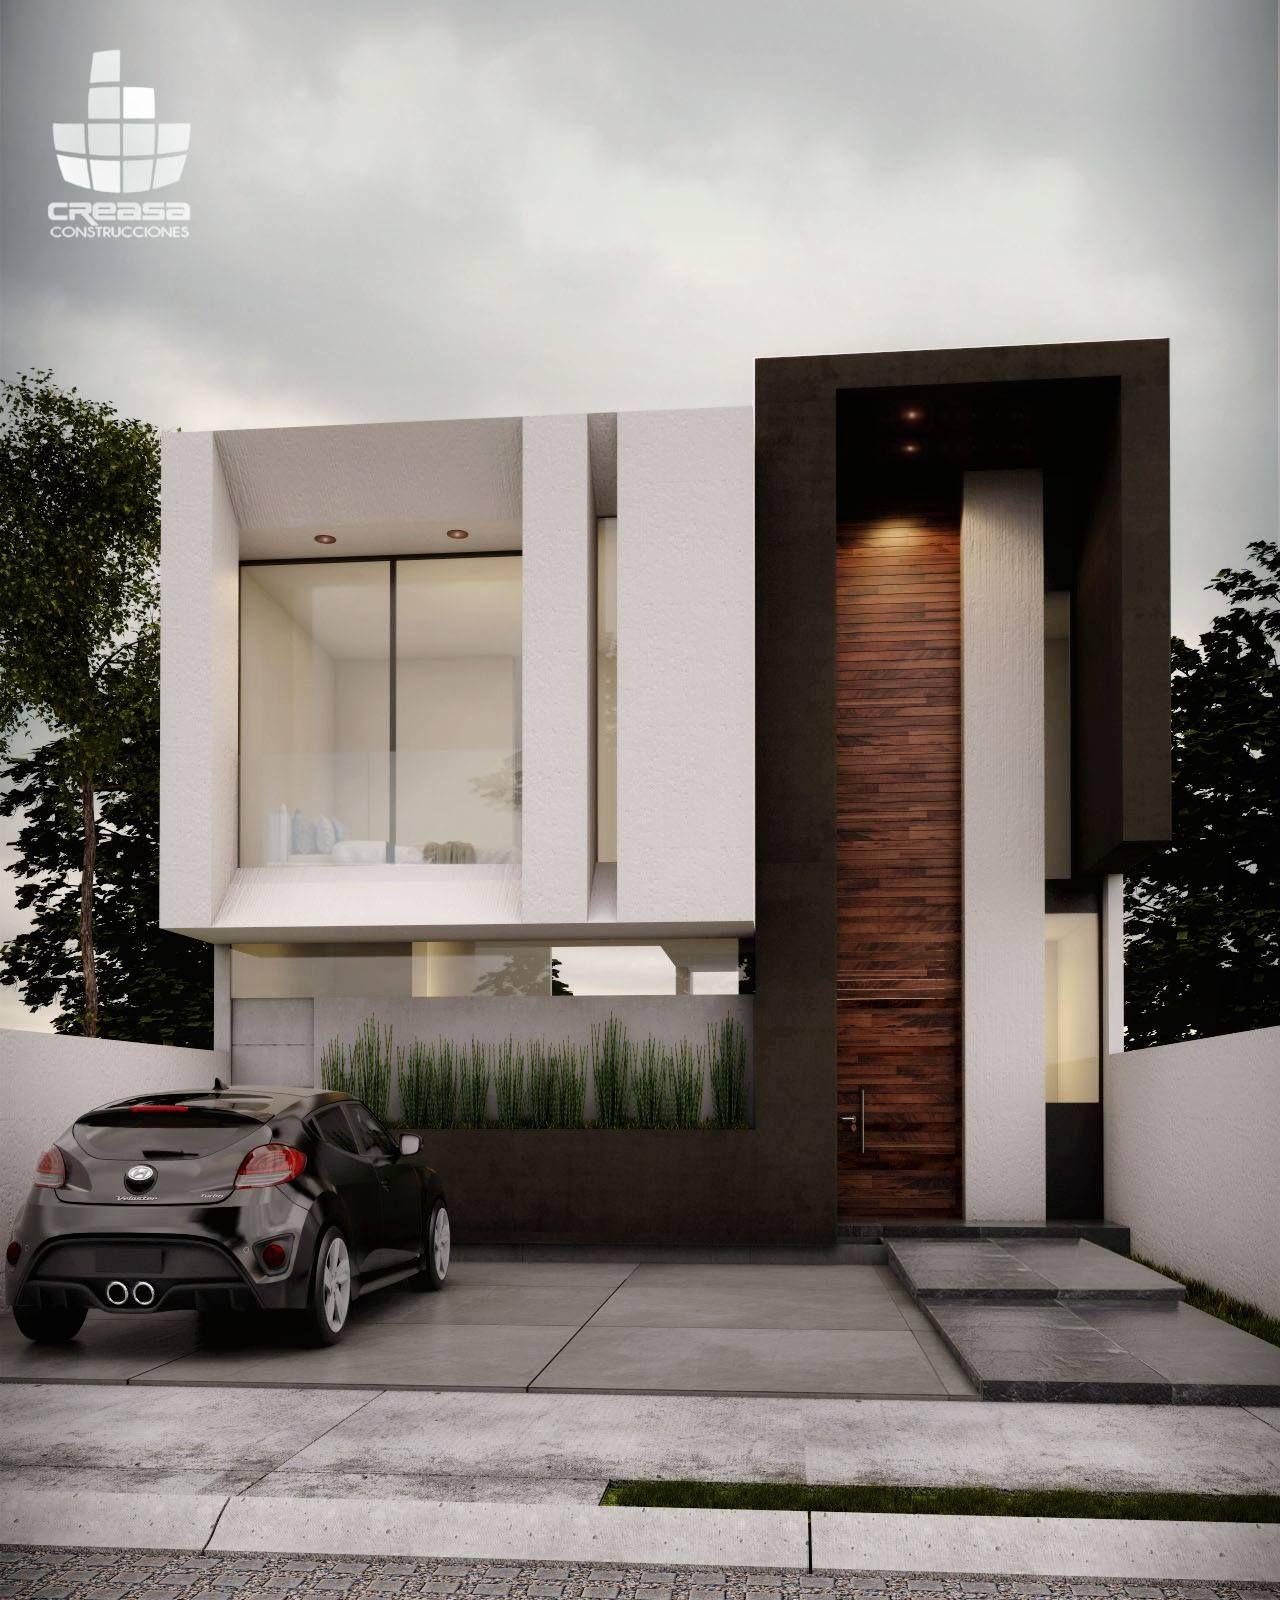 Creasa z creasa mx pinterest fachadas casas y casas for Casa minimalista 2018